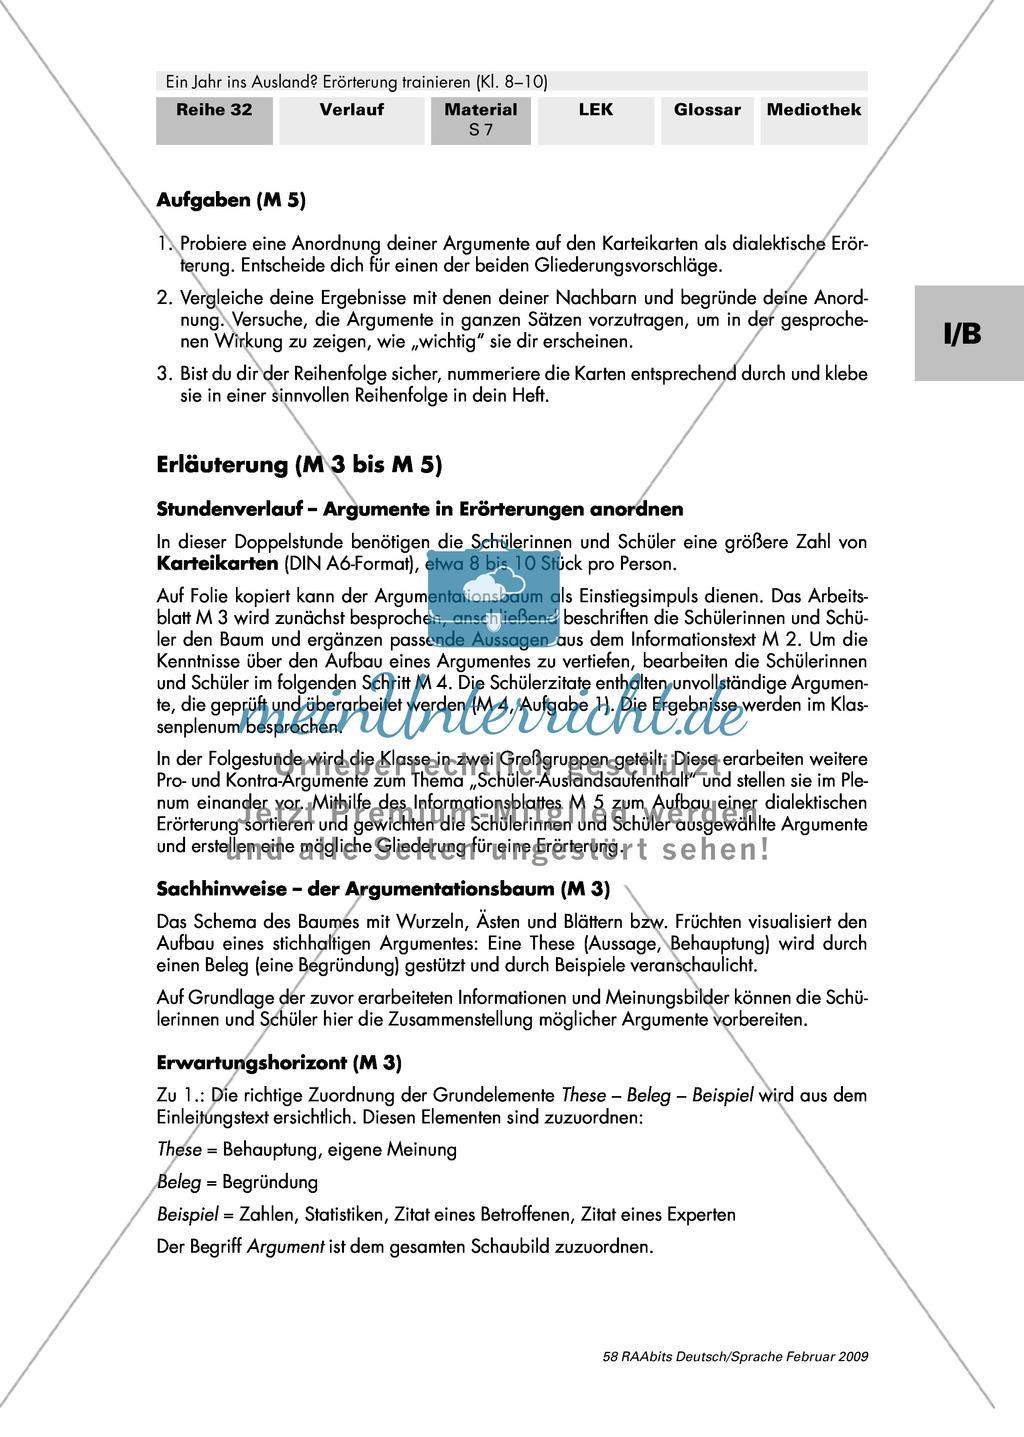 argumente in errterungen anordnen argumentationsbaum aufbau einer dialektischen errterung preview 3 - Dialektische Erorterung Muster